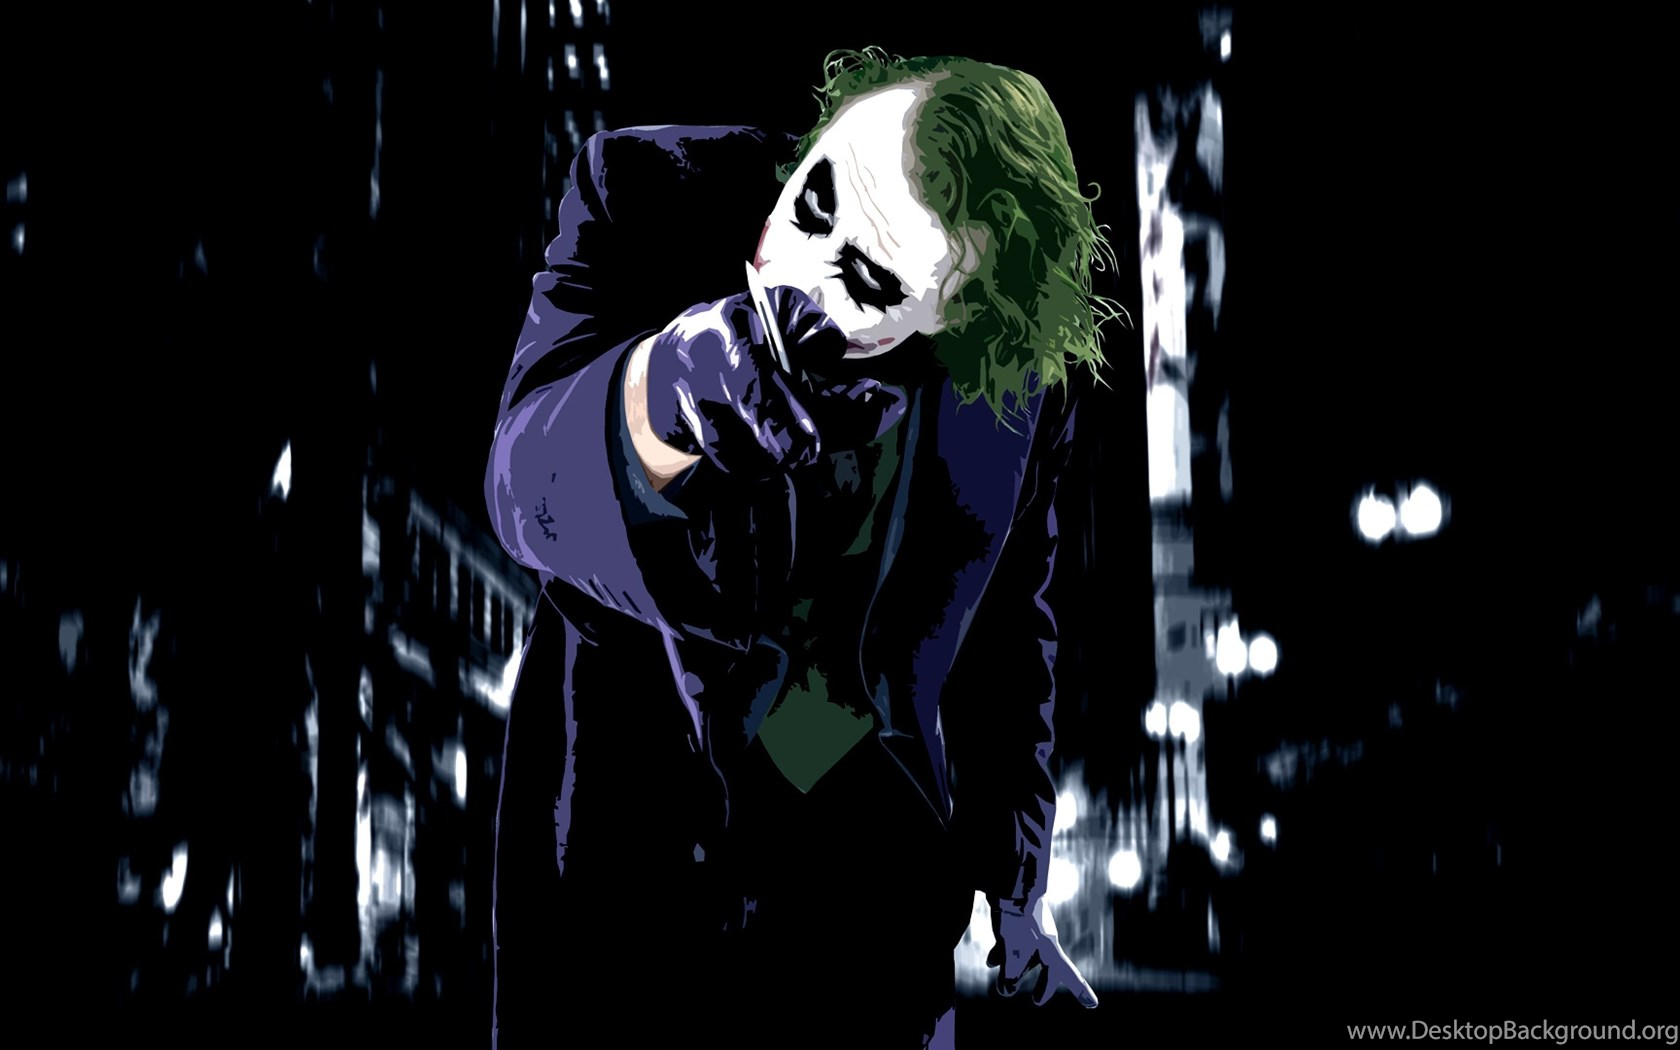 4k Ultra Hd Joker Wallpapers Hd Desktop Backgrounds 3840x2160 Desktop Background